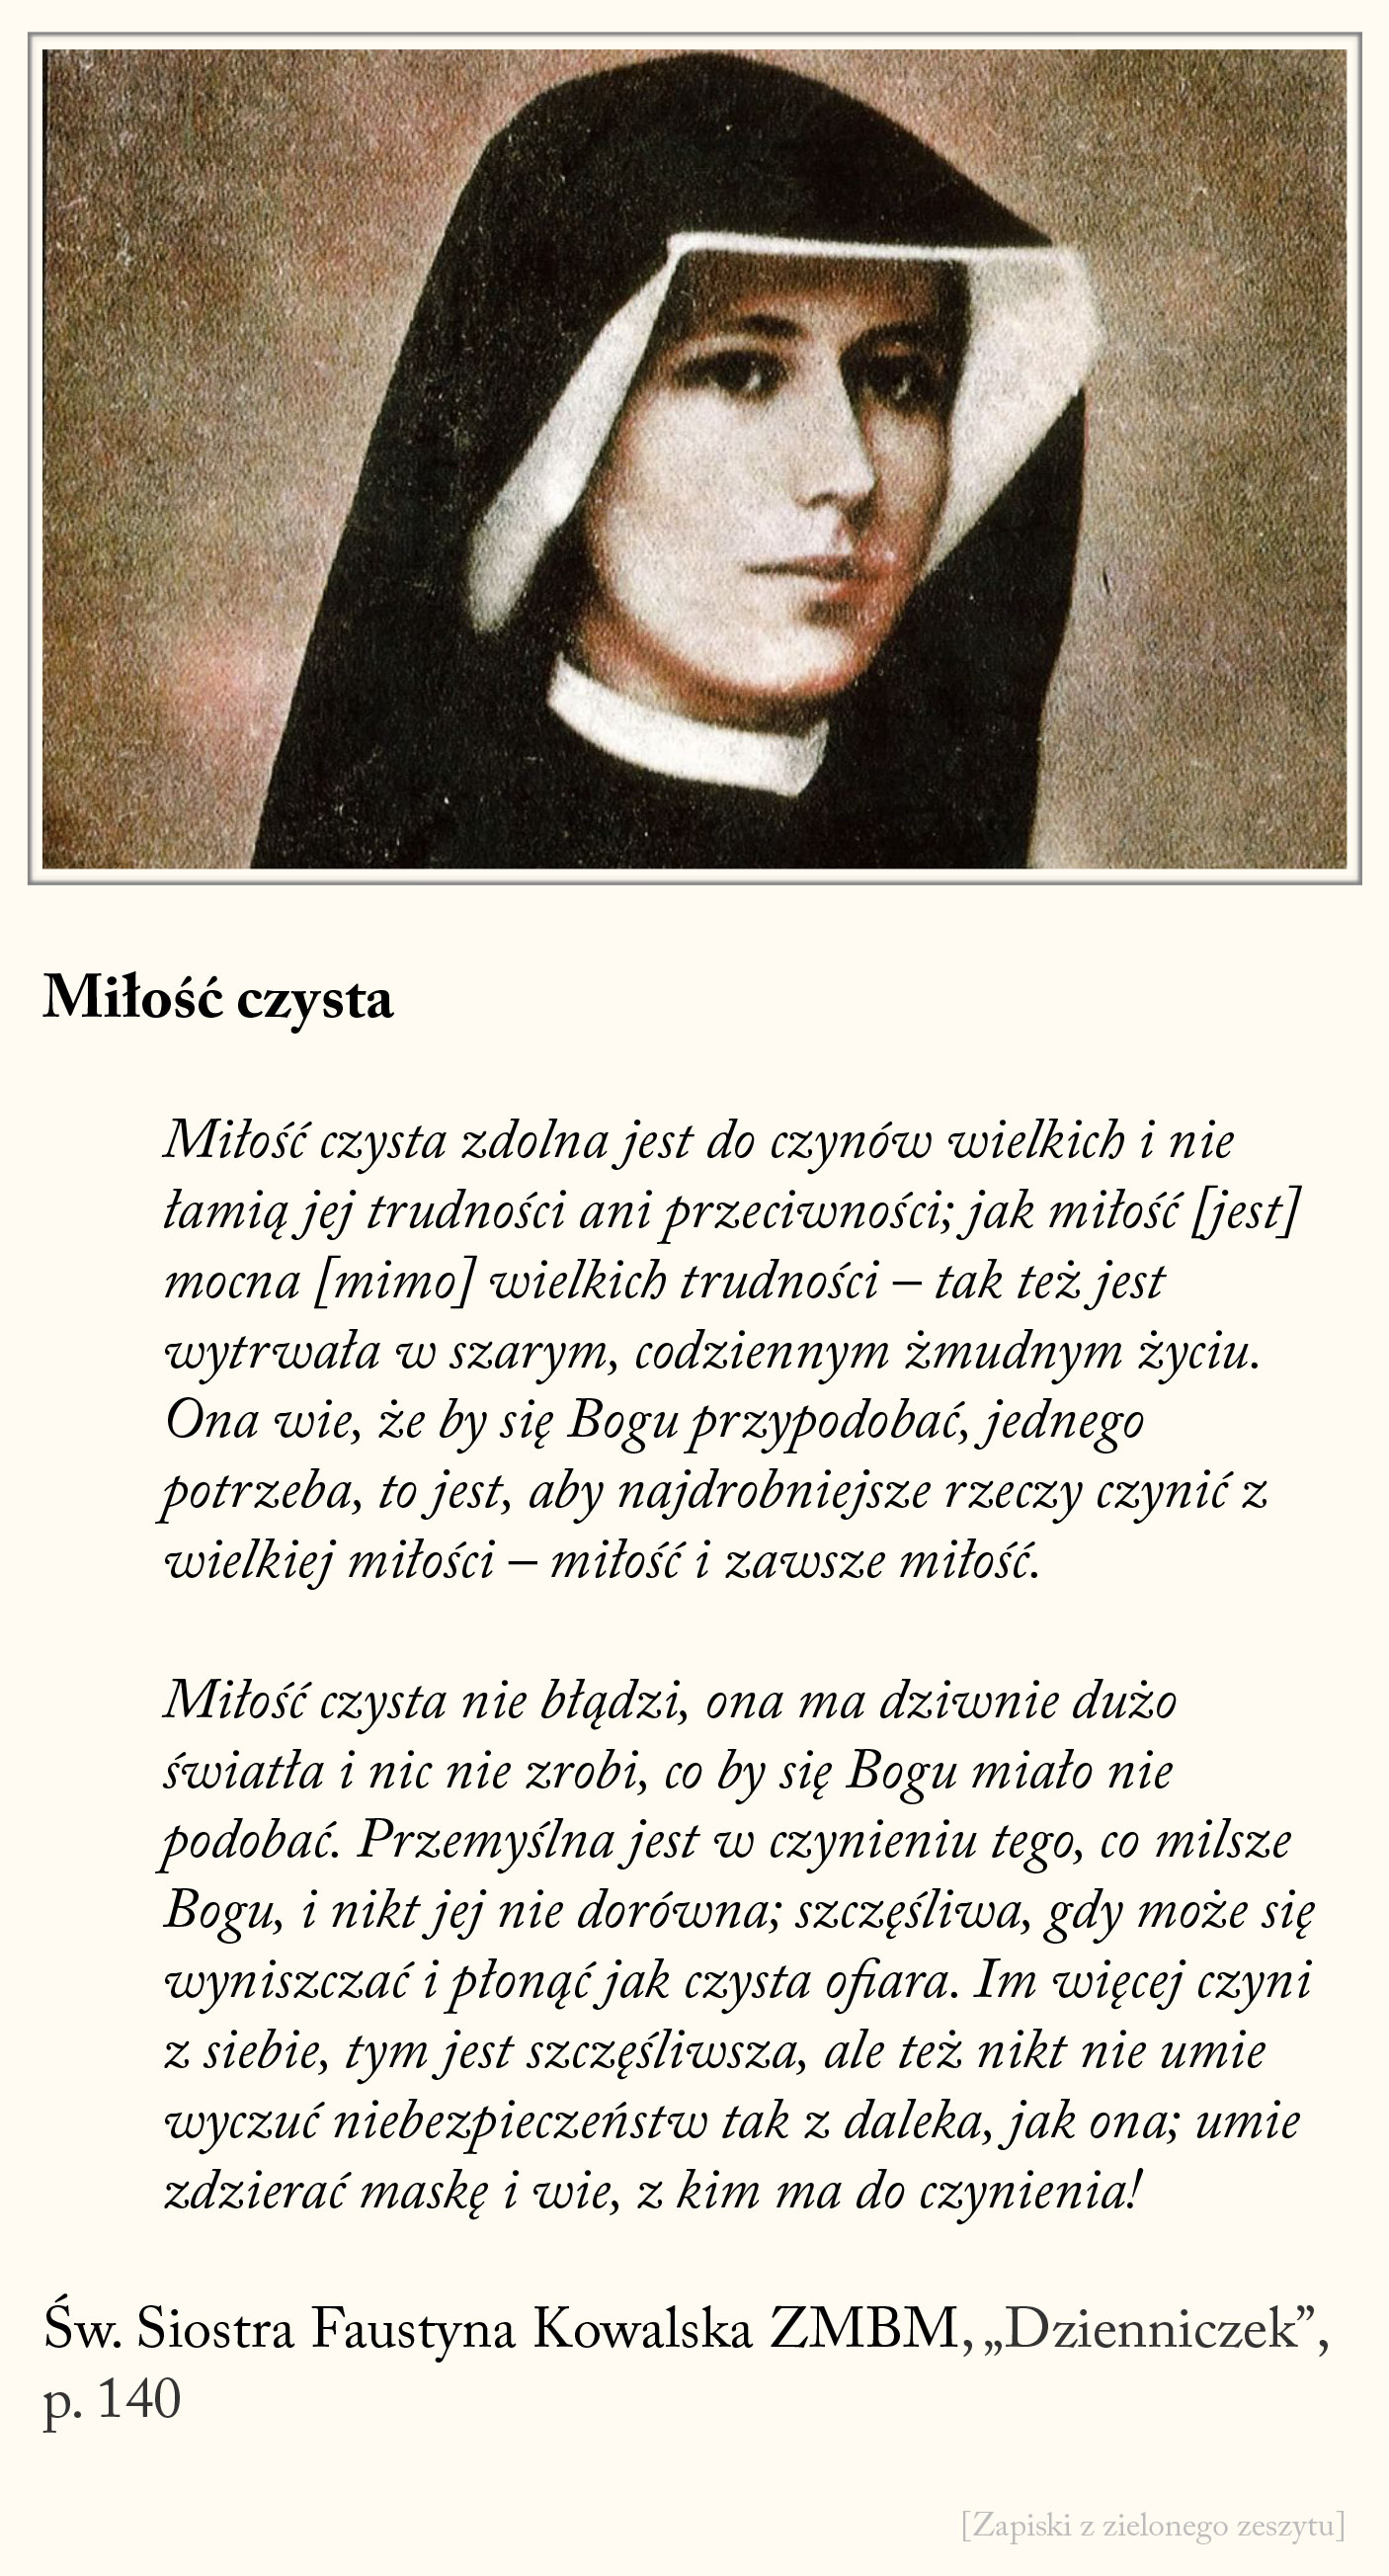 Miłość czysta, św. Faustyna Kowalska